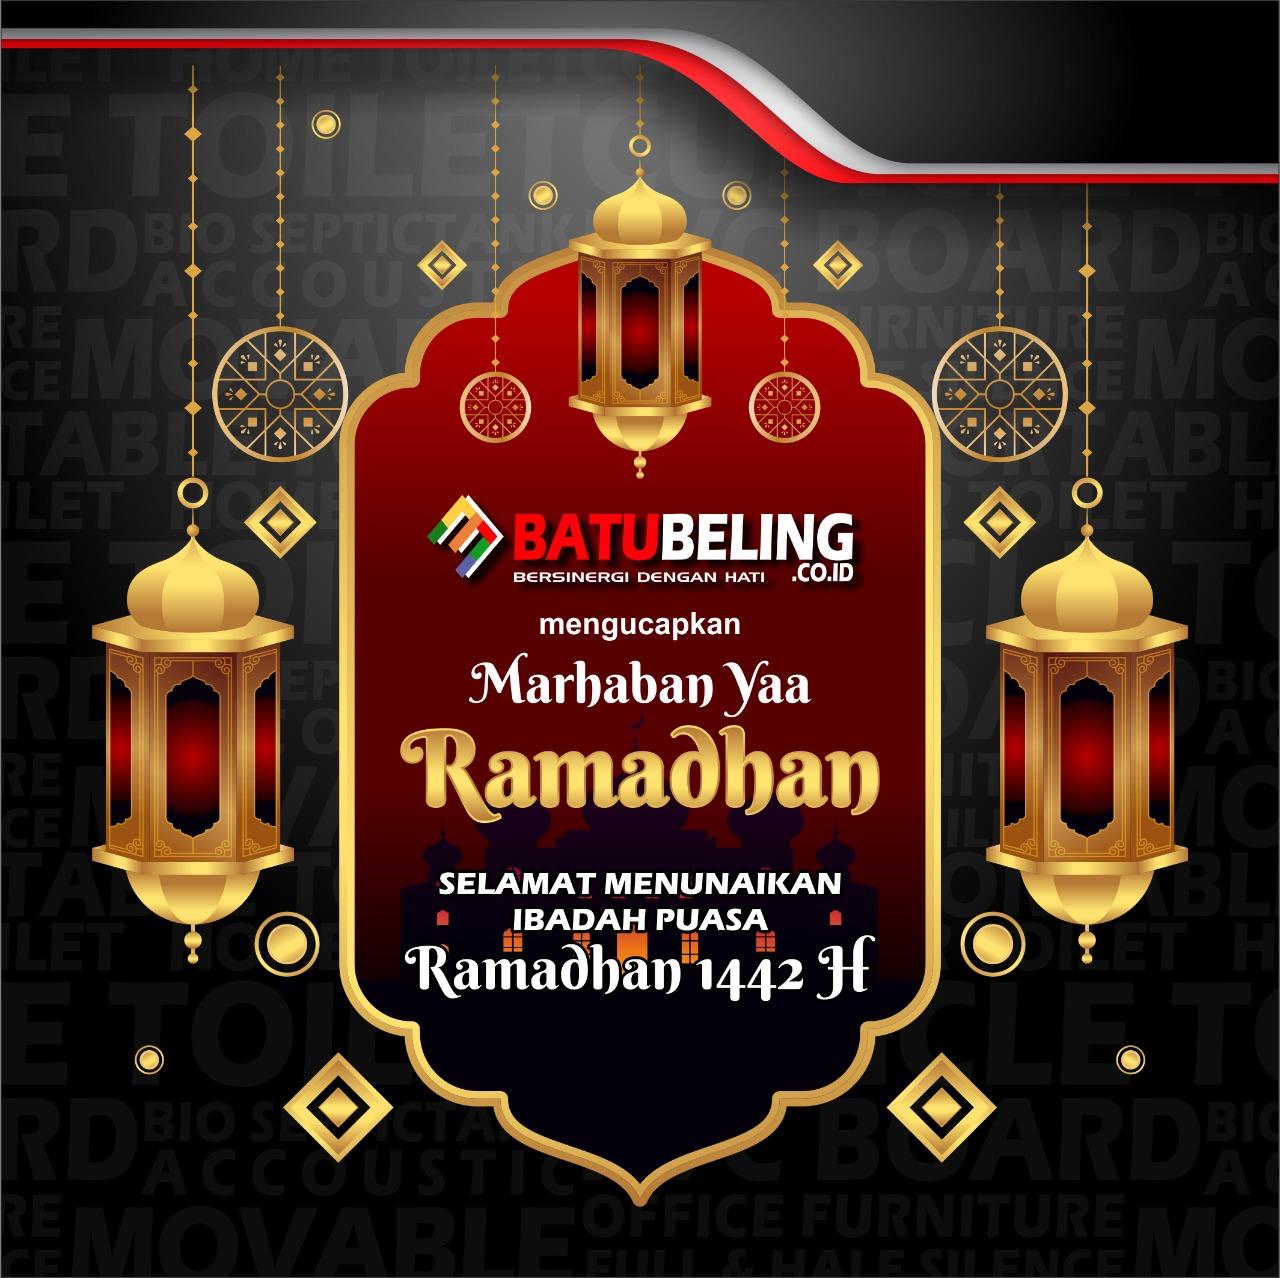 Ramadhan Batubeling